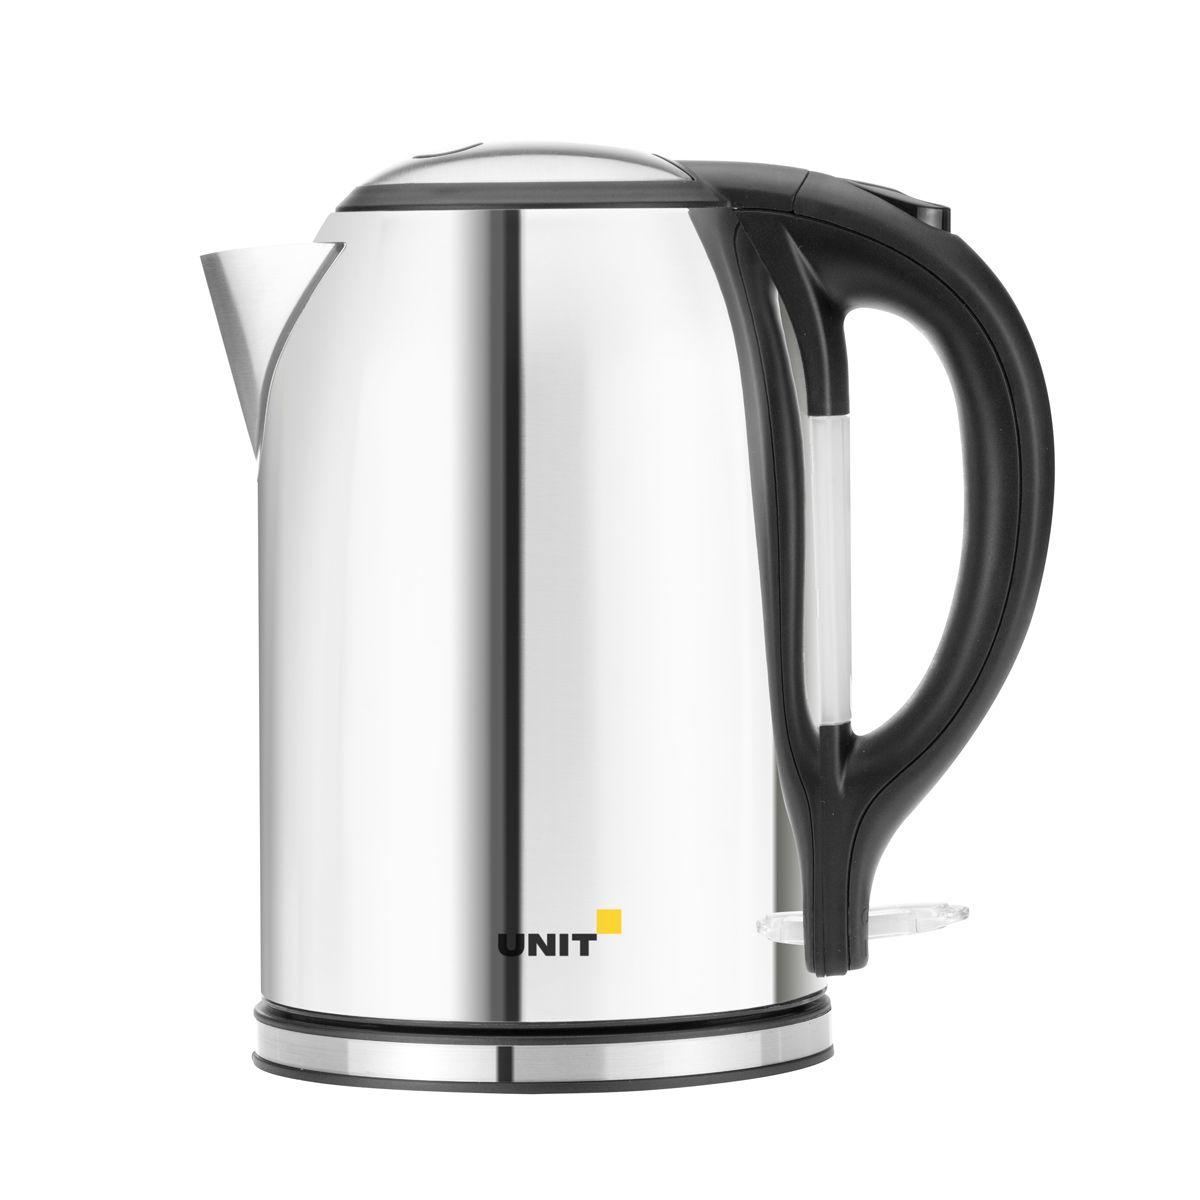 Unit UEK-266, Gloss электрический чайникCE-0350667Unit UEK-266 - это электрический со строгим дизайном и мощностью 2000 Вт. Корпус устройства выполнен из блестящей нержавеющей стали. Такой необычный кухонный прибор безусловно станет центром посиделок в кругу семьи.Стальной корпус чайника сохранит для вас полезные и вкусовые качества воды. Данная модель оснащена встроенным скрытым нагревательным элементом. Это снижает образование накипи и упрощает очистку, продлевая тем самым срок службы чайника. Новинка оснащена индикаторной лампочкой и отсеком для хранения шнура. Прибор вращается на круглой подставке - базе на 360 градусов, поэтому вы без труда сможете повернуть его в любую сторону.